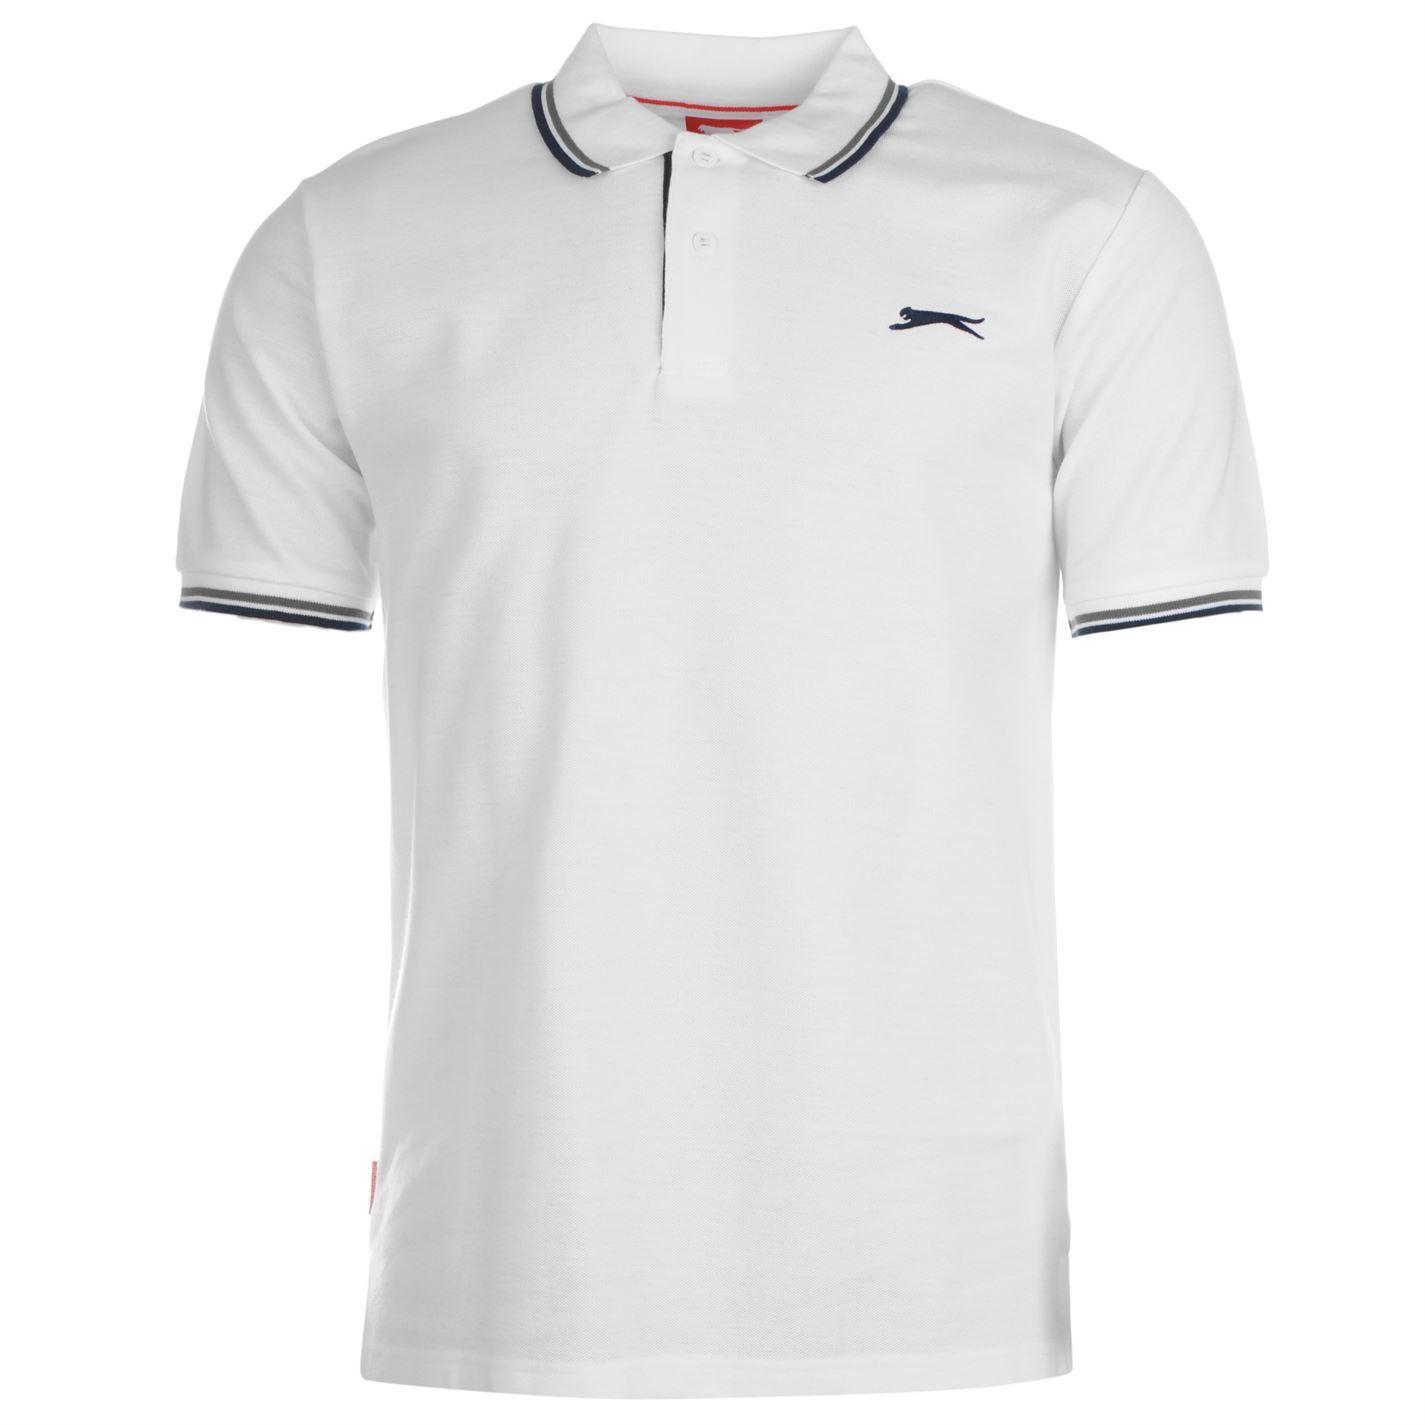 Slazenger-Polo-Camisa-de-hombre-con-cuello-con-Punta-T-Shirt-Top-Camiseta-Tee miniatura 79